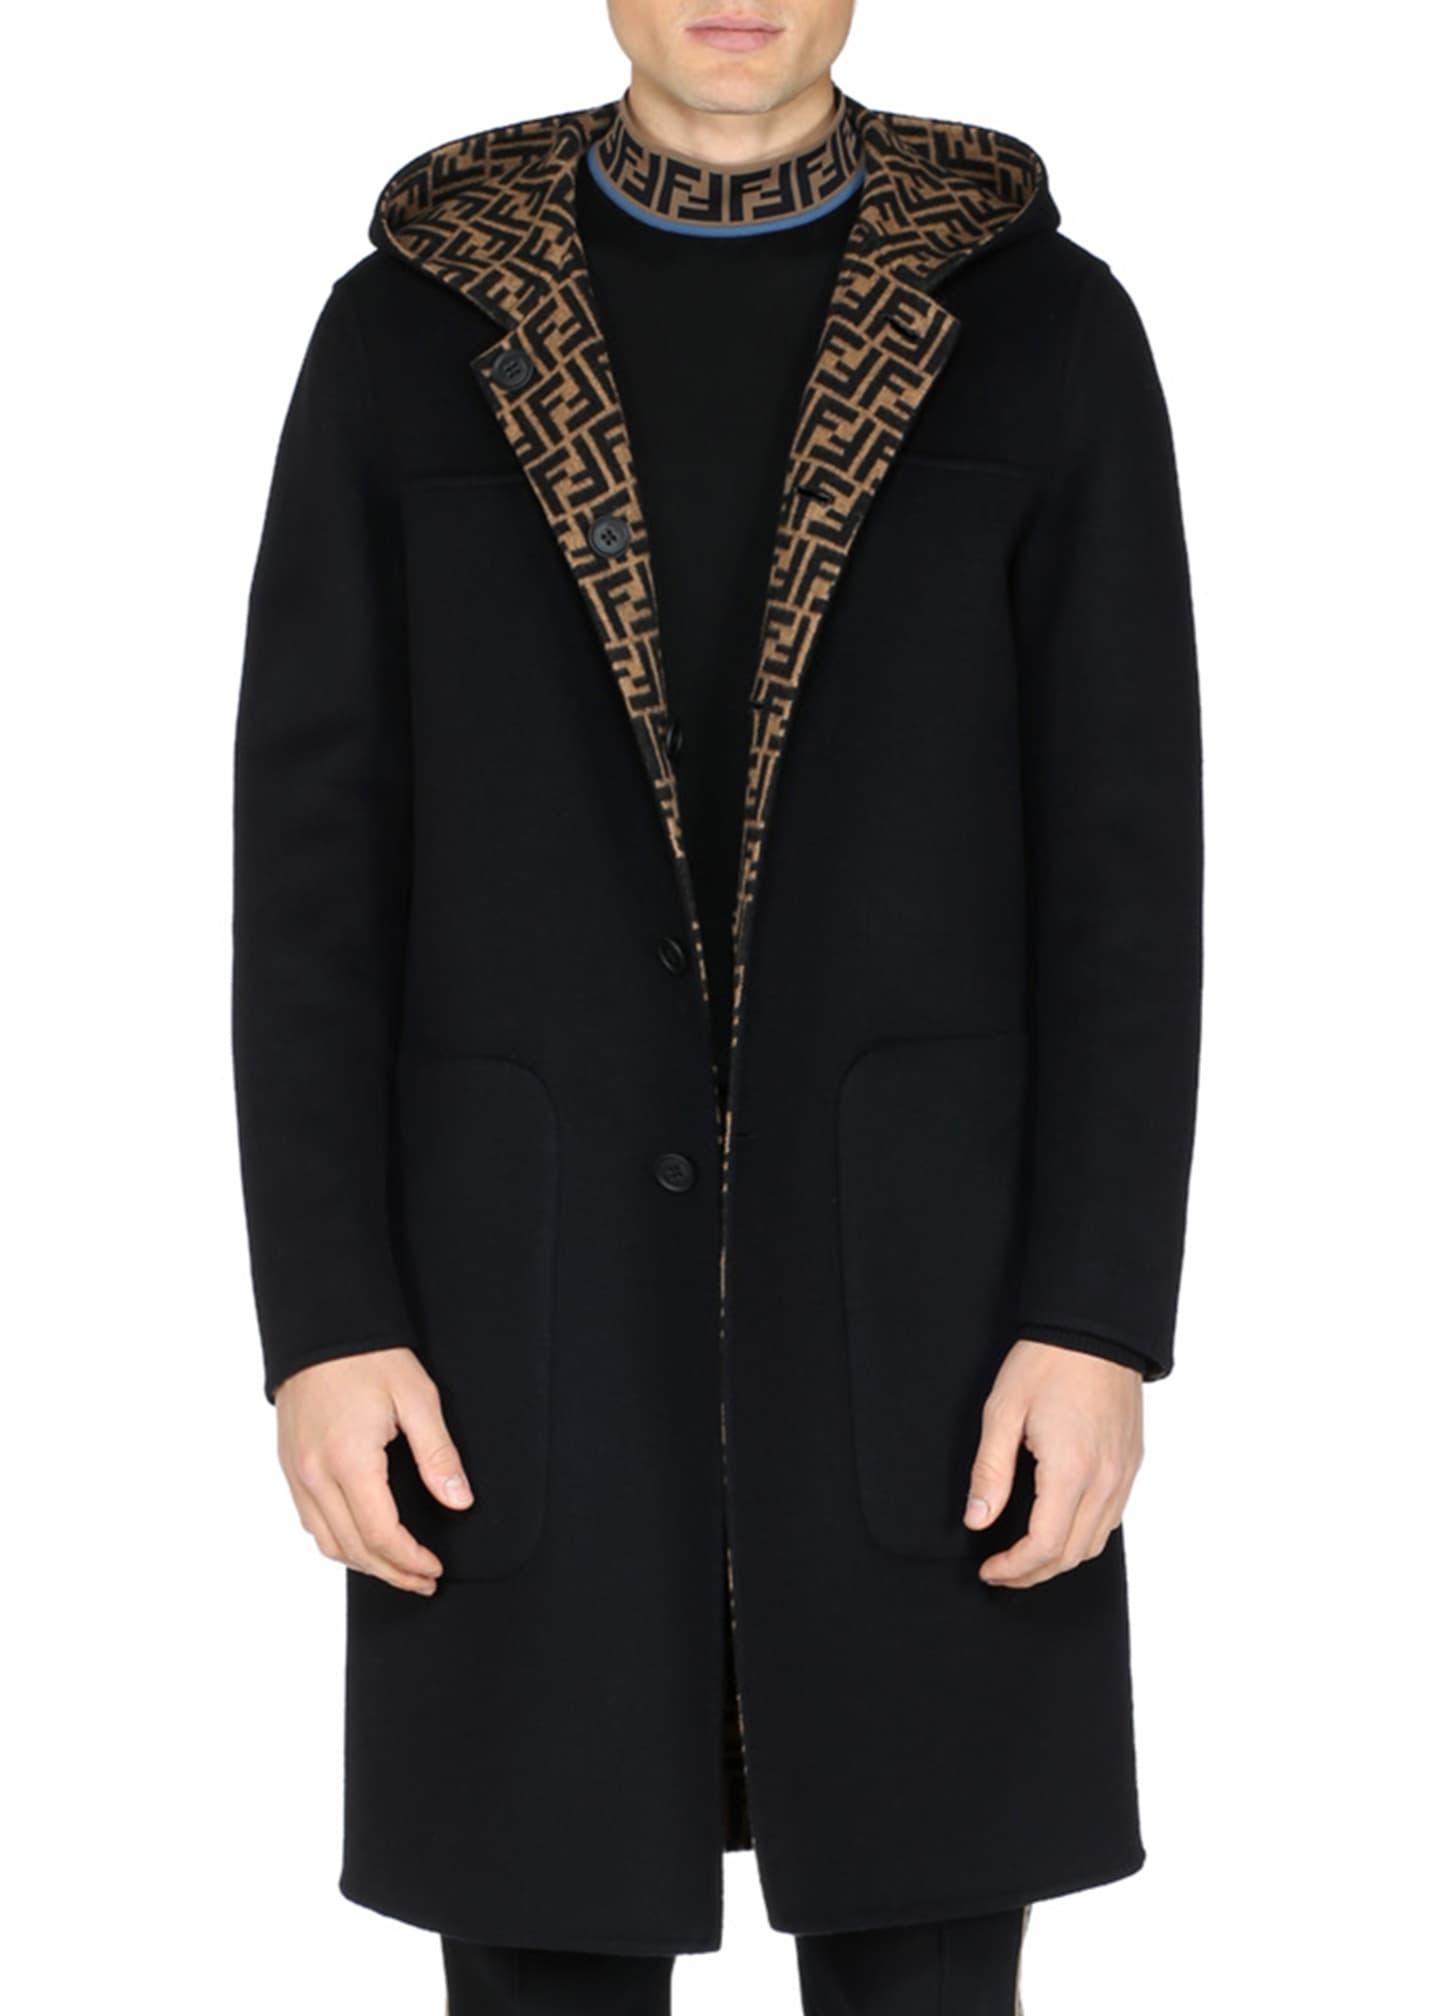 Fendi Men's Reversible Hooded Coat